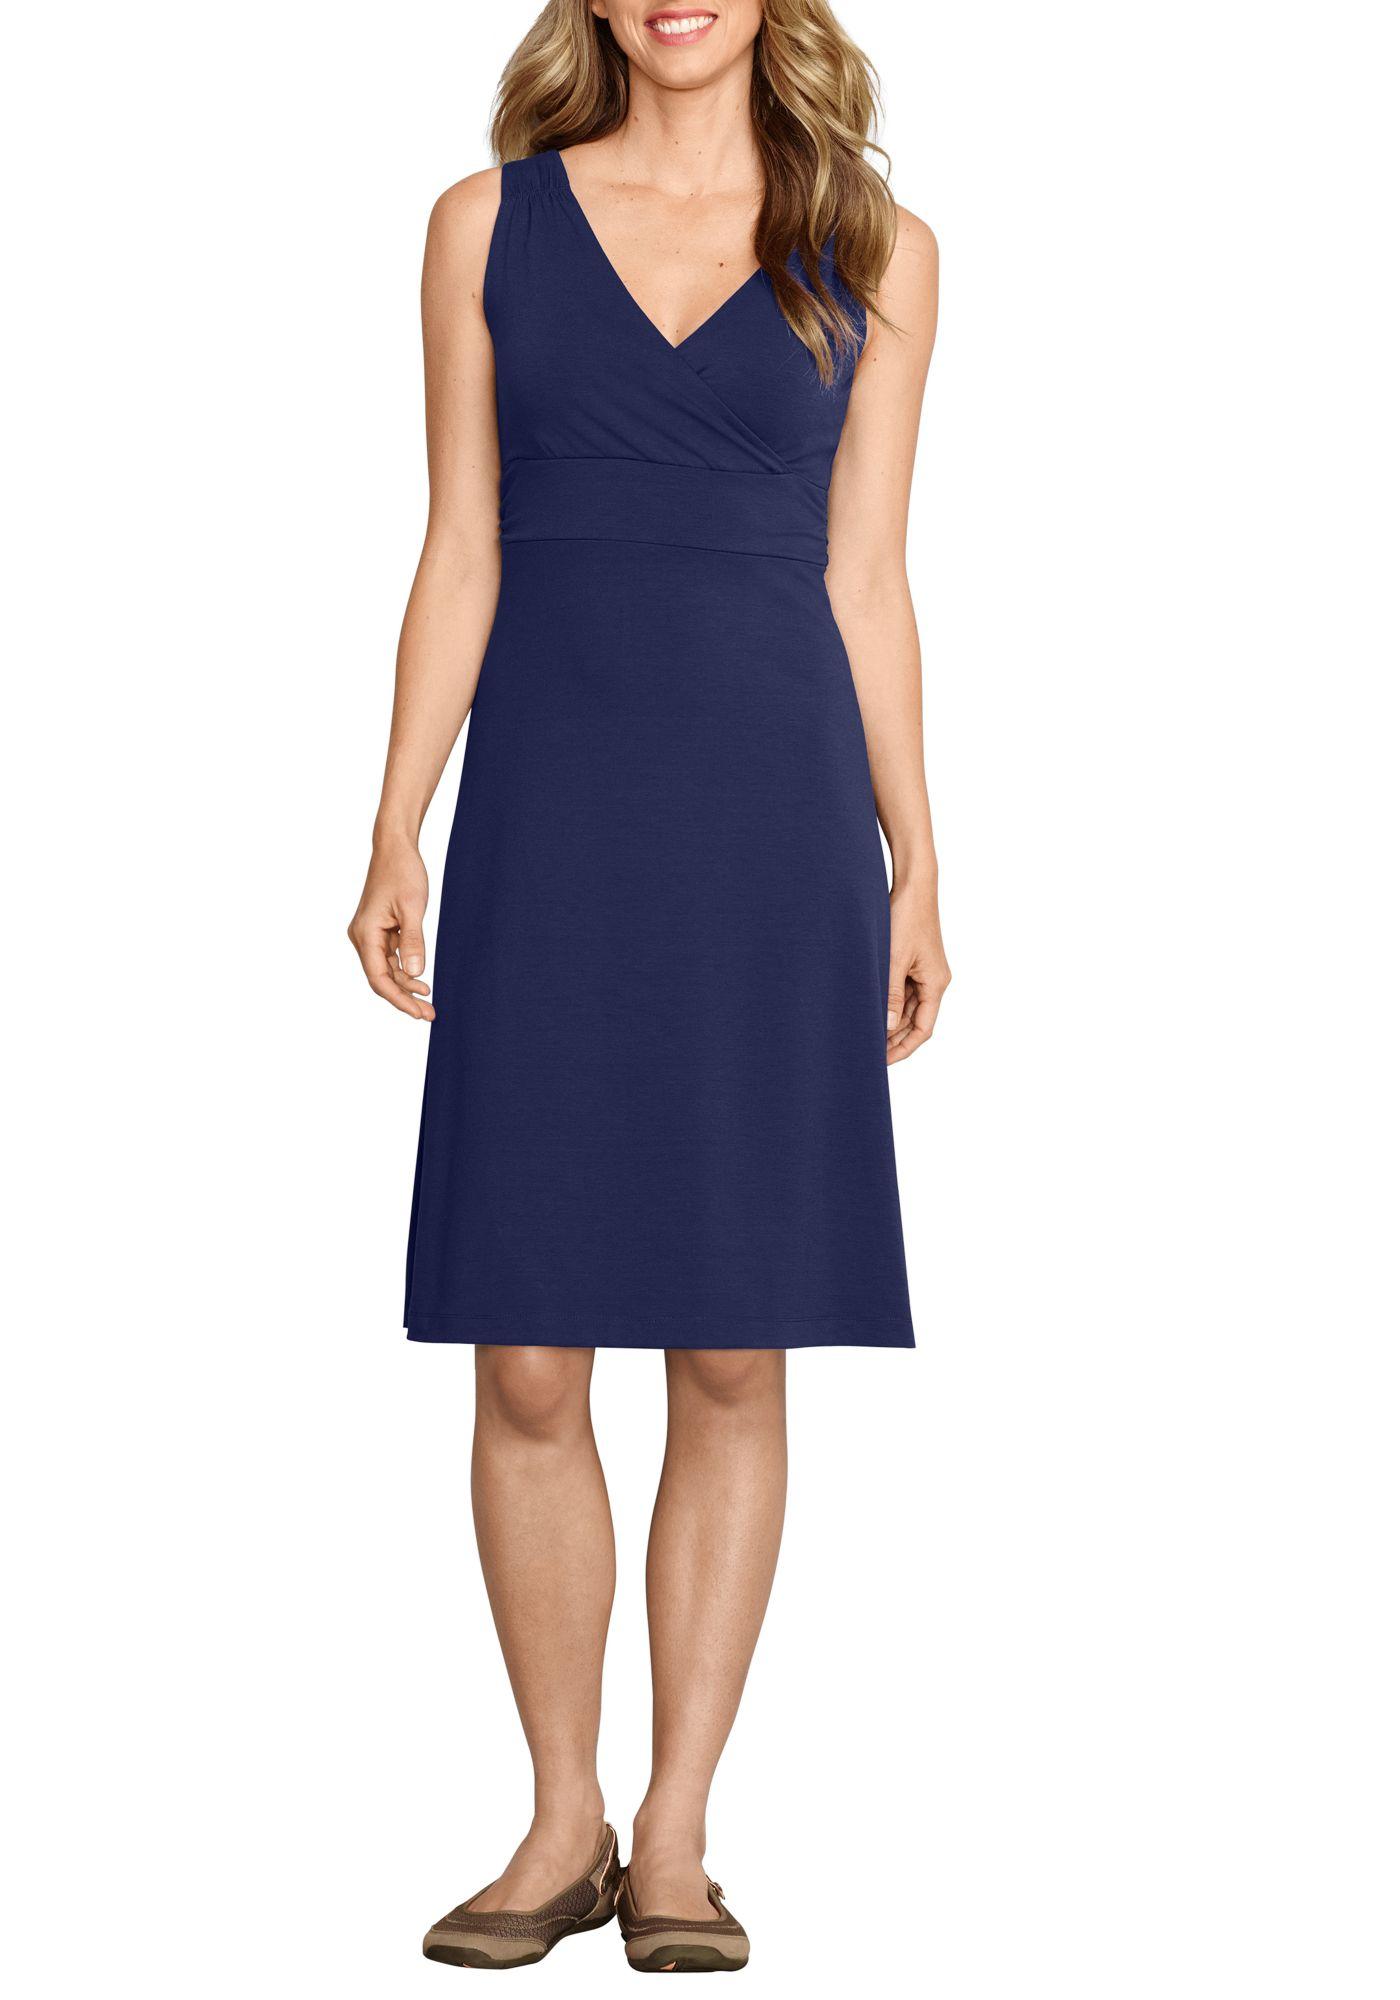 Eddie Bauer Travex® Kleid kniebedeckend | Schwab.de | Kleider & Röcke